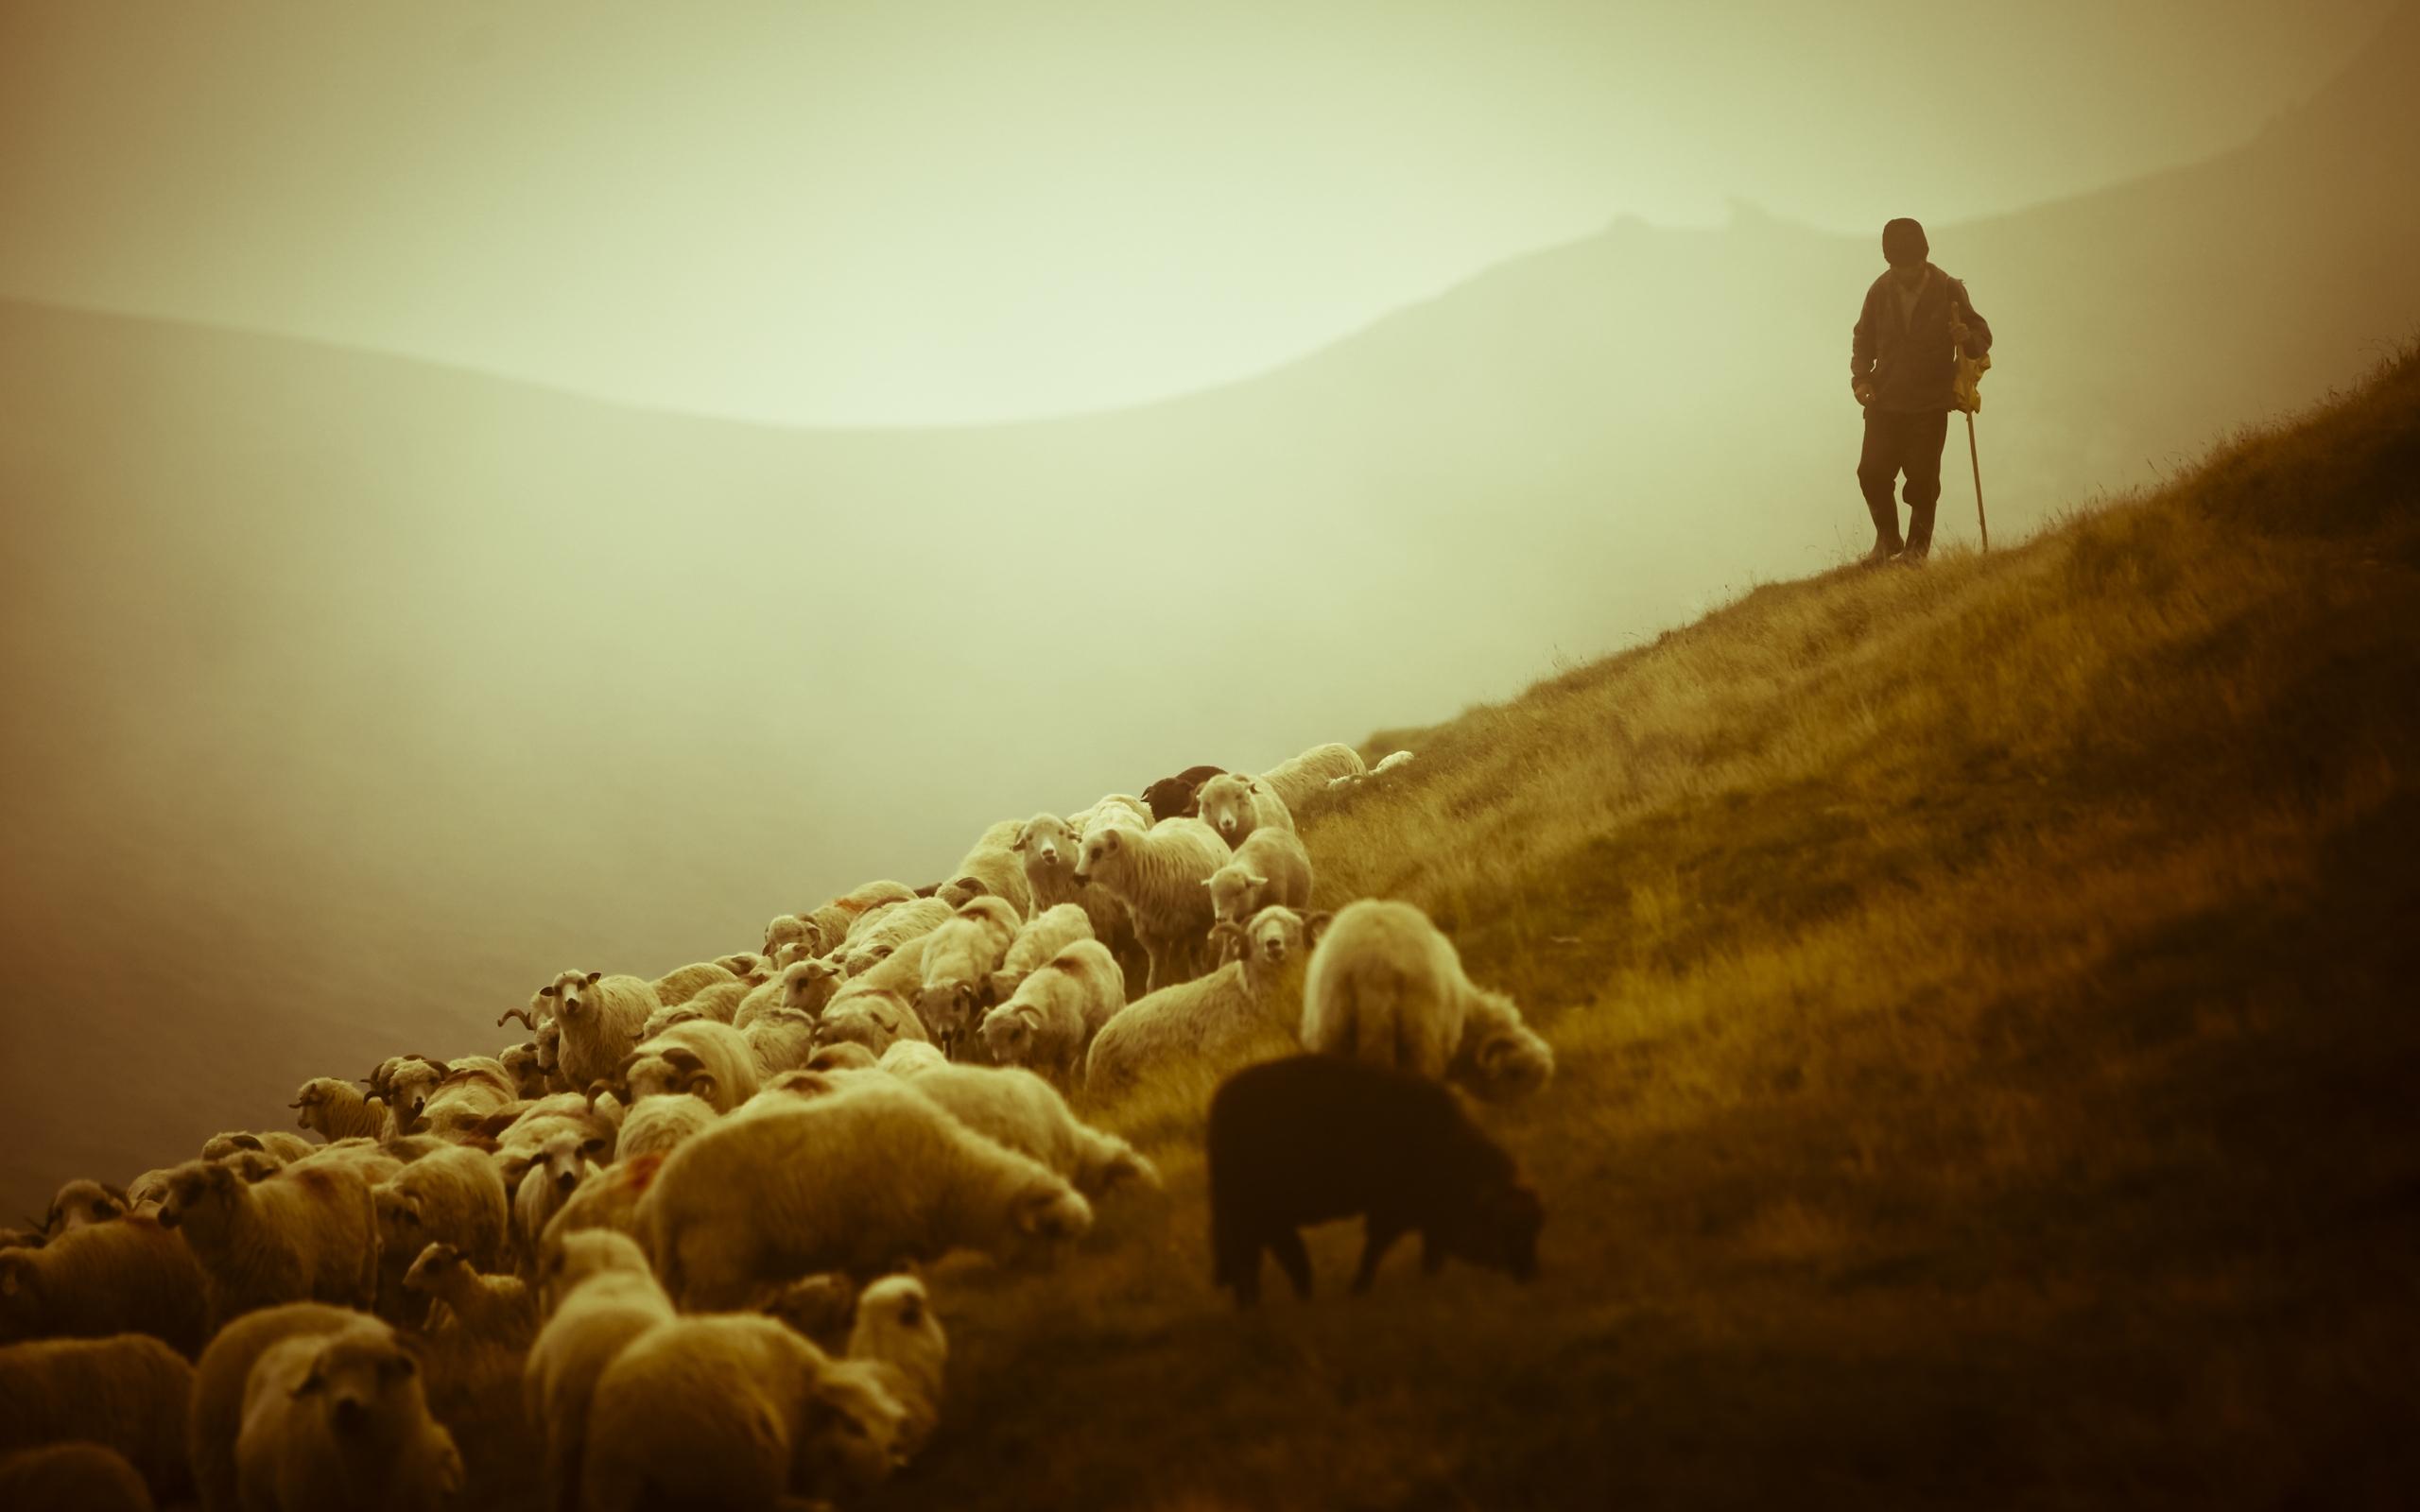 Великий пост. Евангелие от Иоанна, главы 9-10